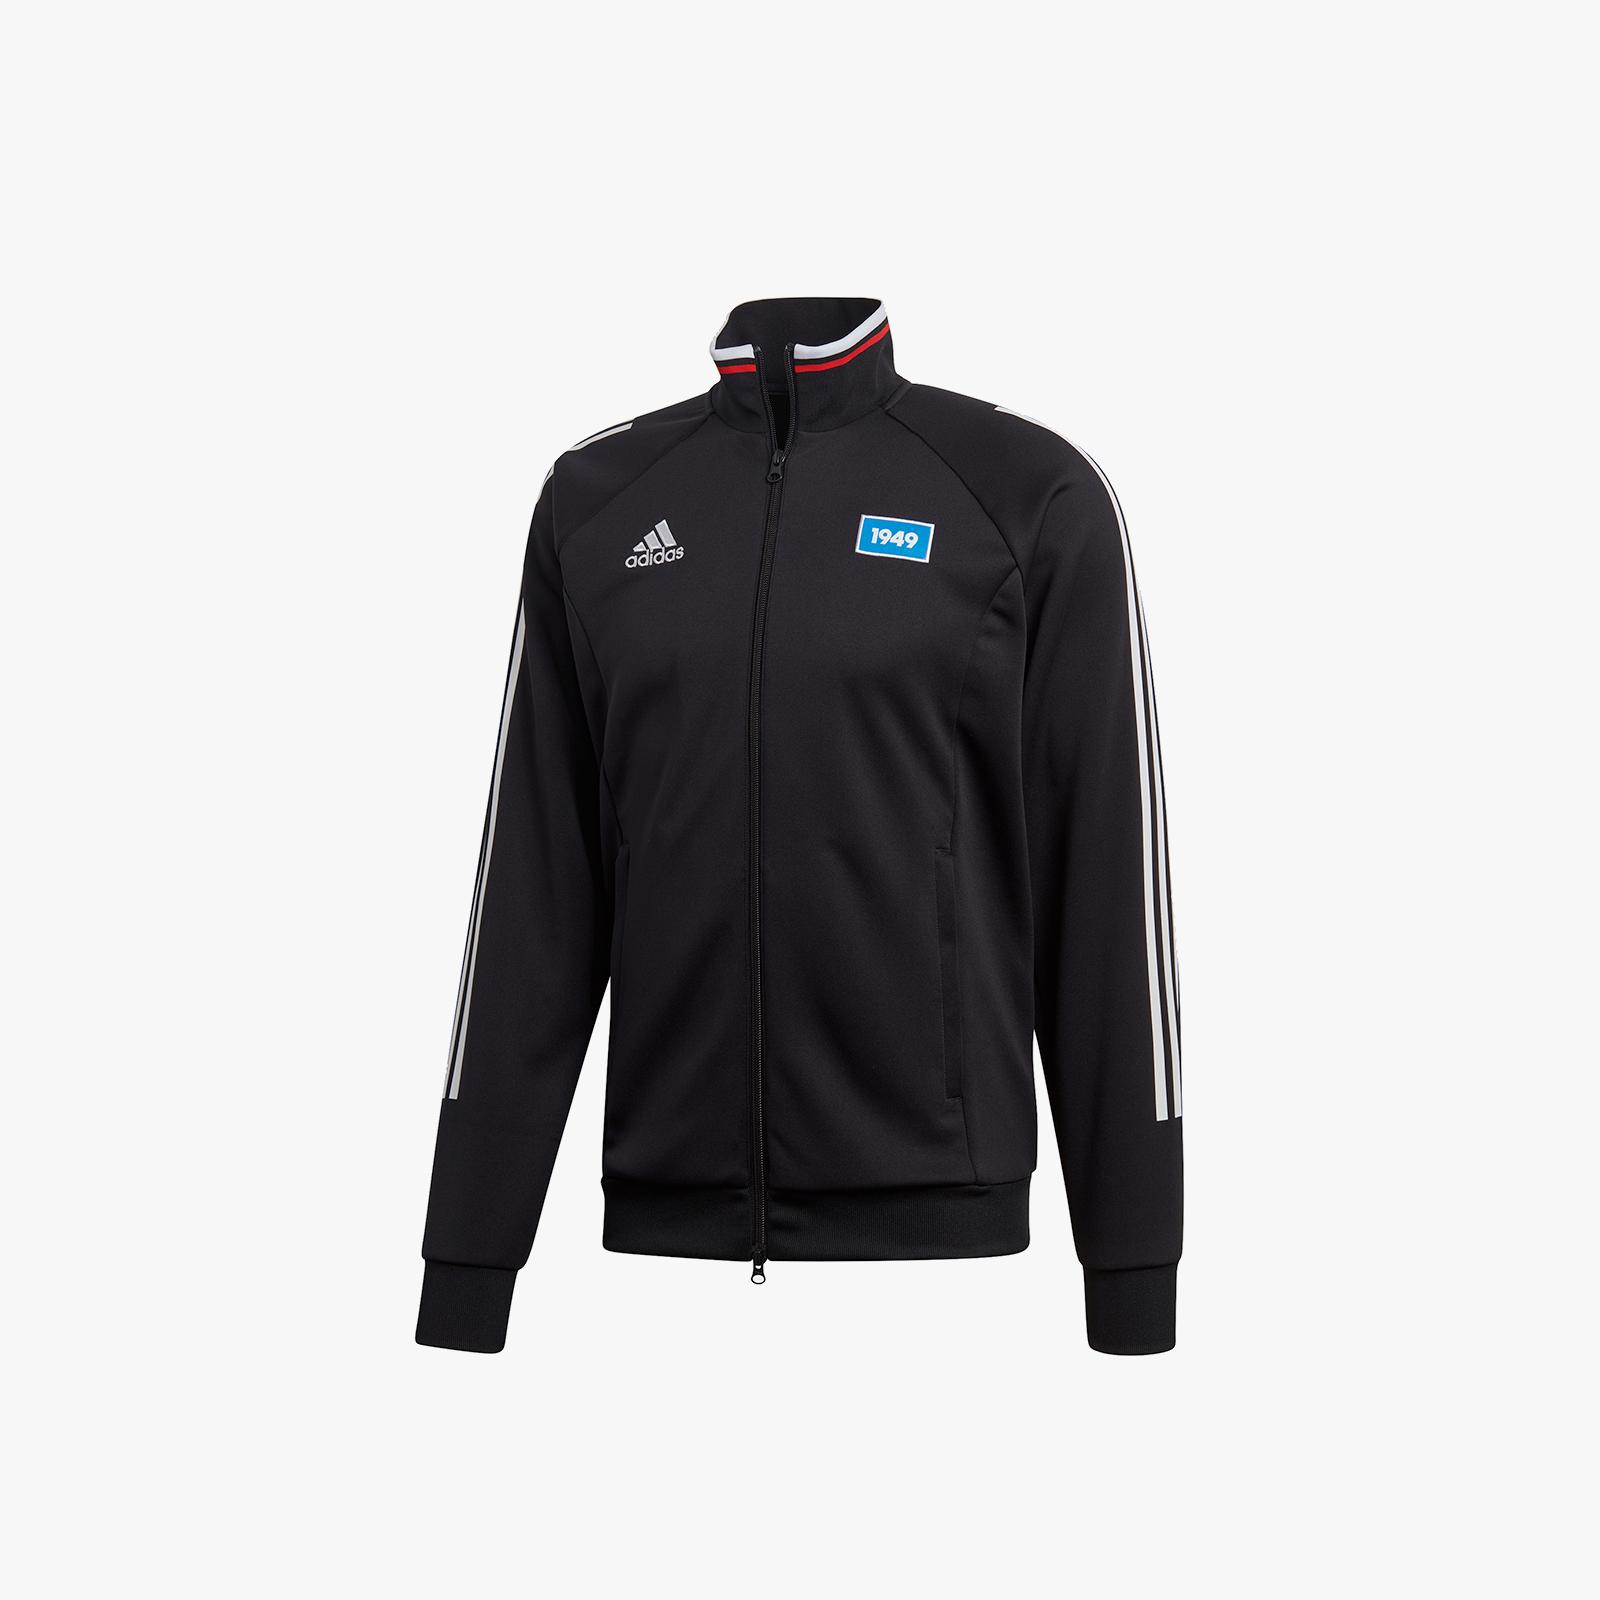 Adidas performance, Adidas originals Sweatshirts and